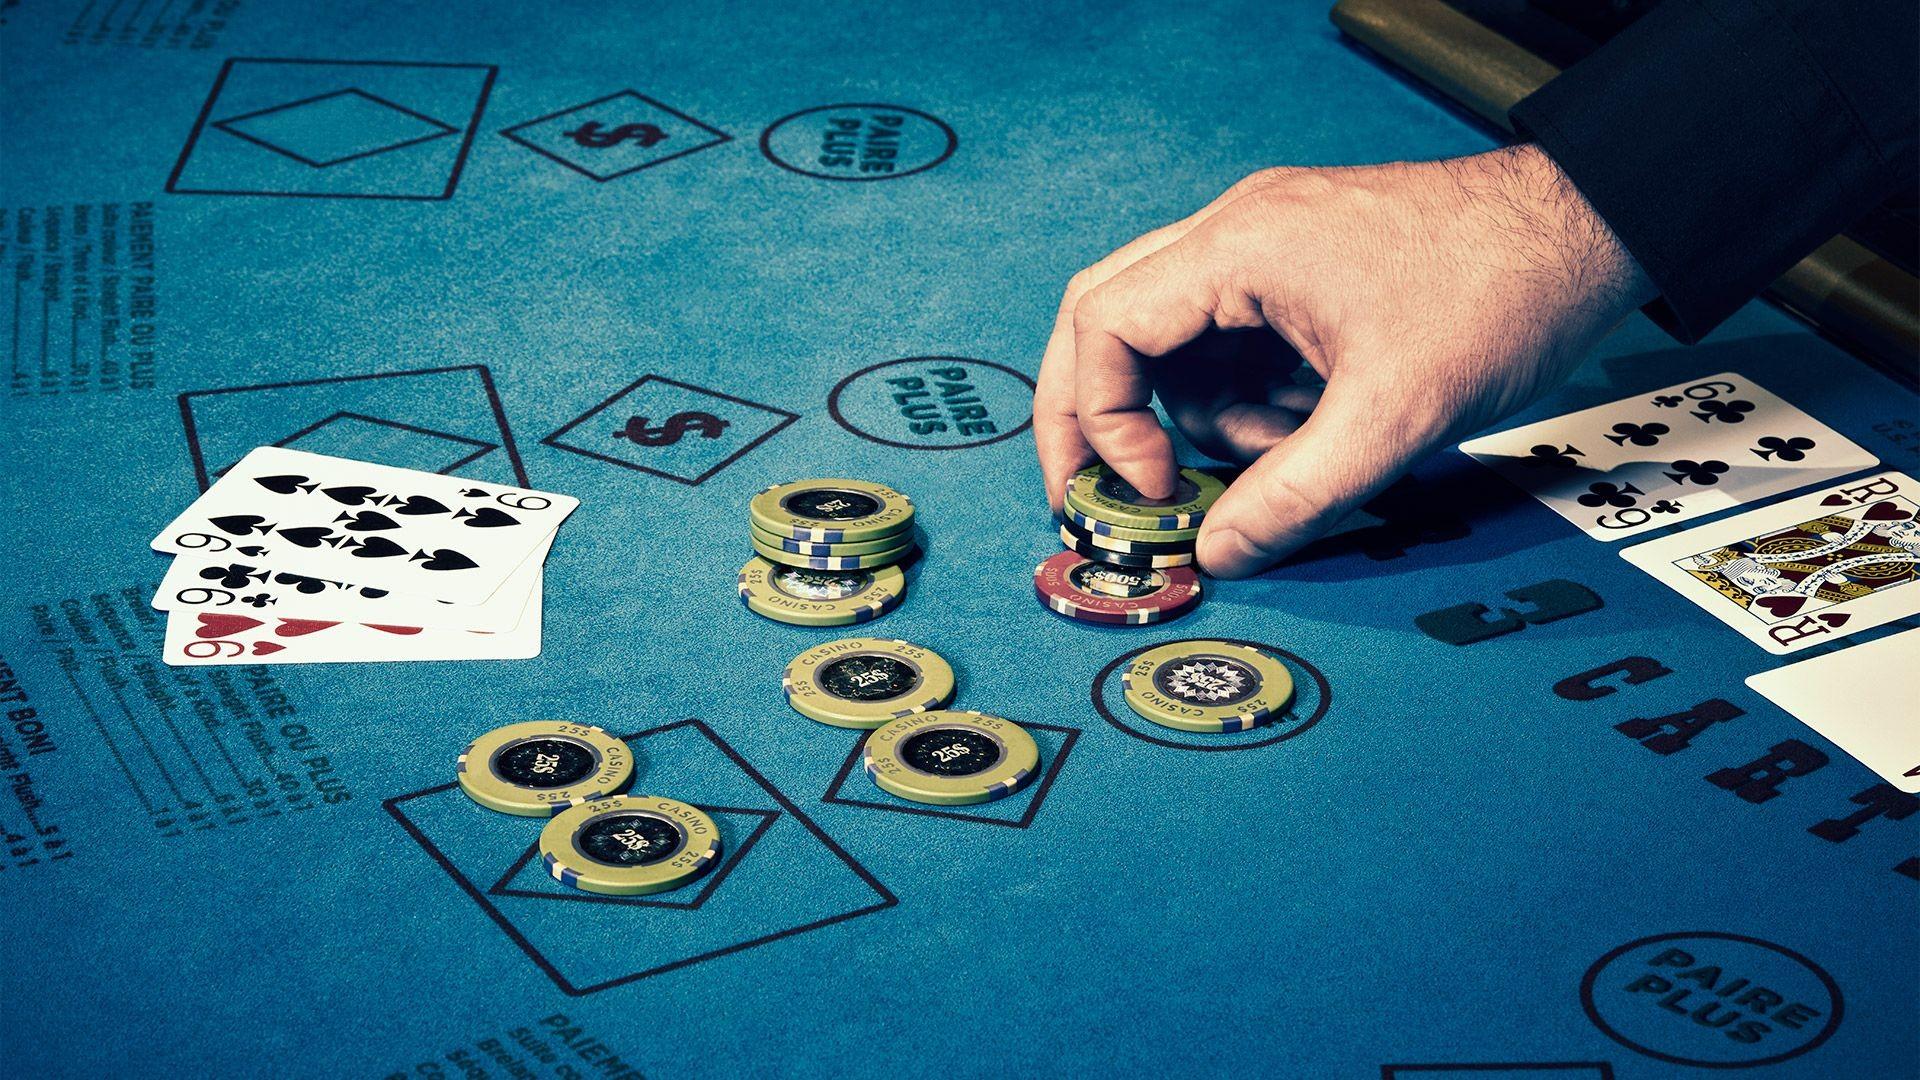 Poker full screen hd wallpaper